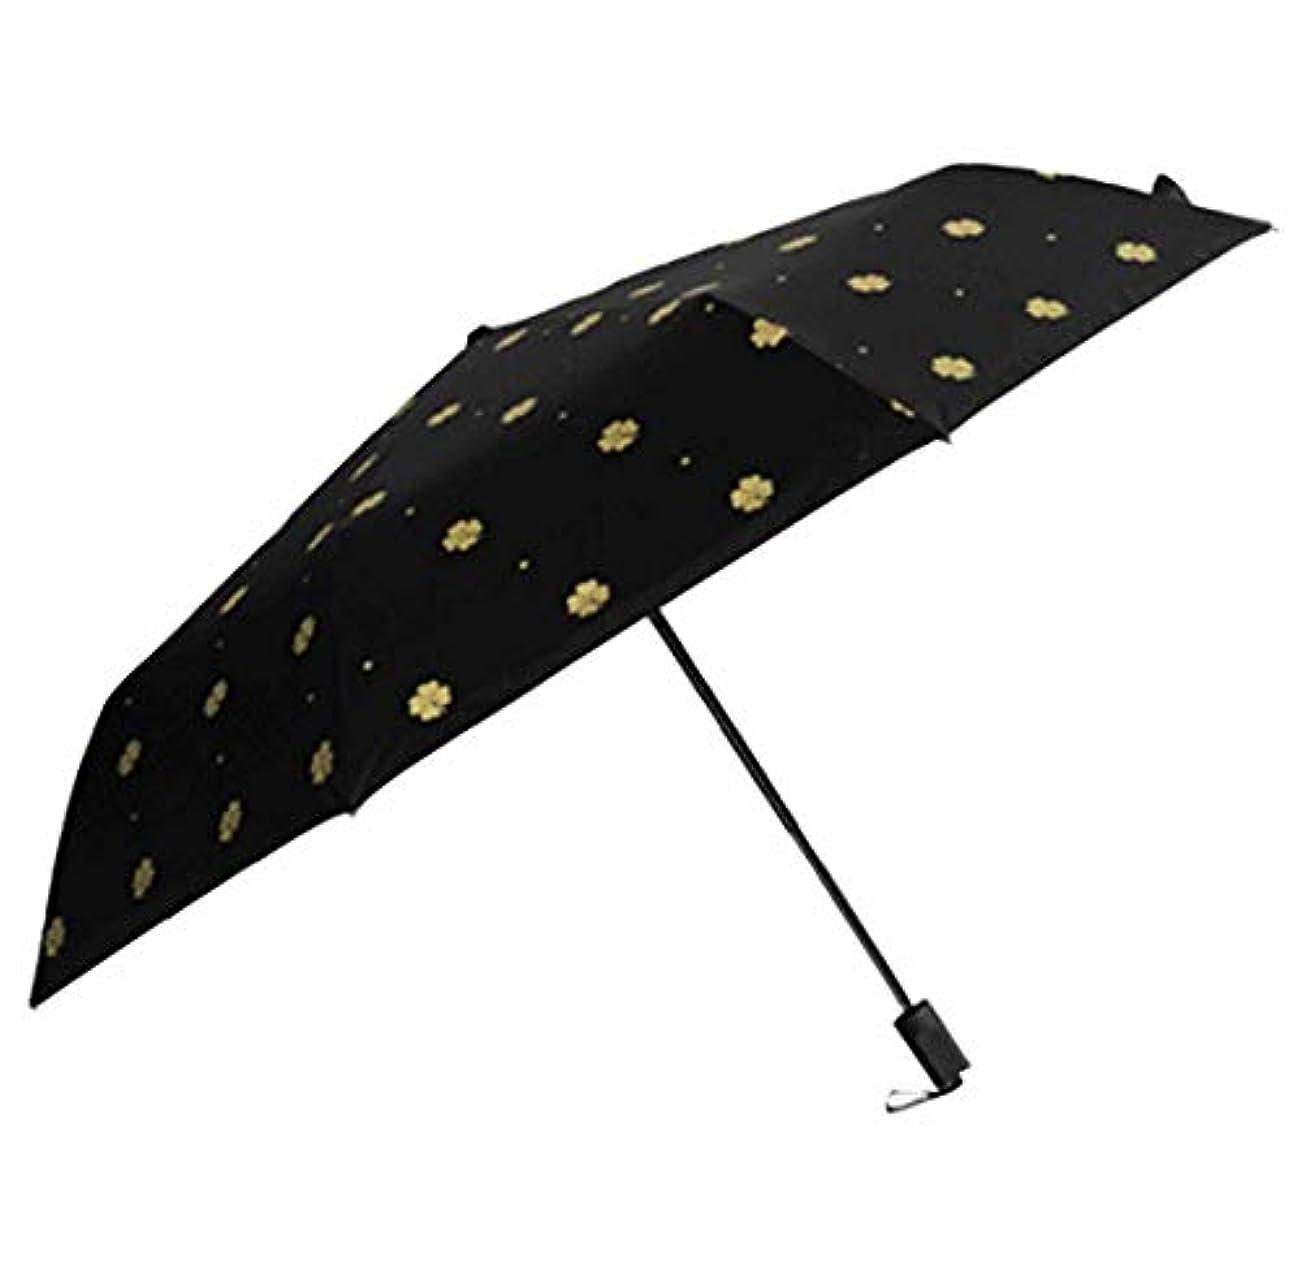 不愉快承認する中級Chuangshengnet 30パーセント傘ホット箔クローバー黒プラスチック太陽傘紫外線保護傘紫外線傘用男性と女性が使用できる